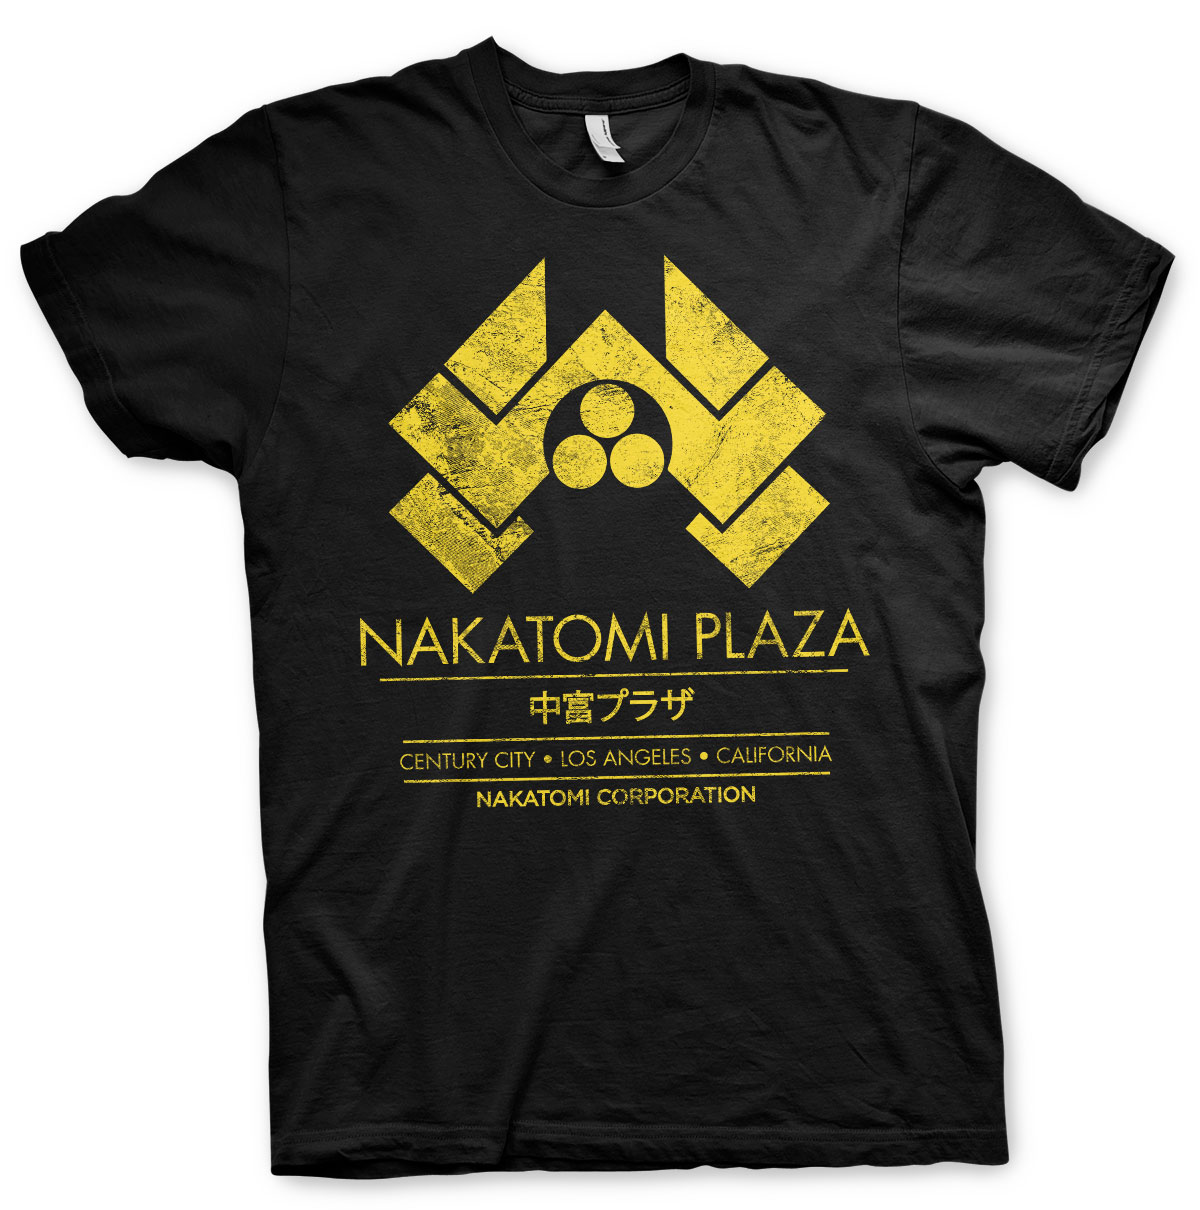 die-hard-nakatomi-plaza-t-shirt